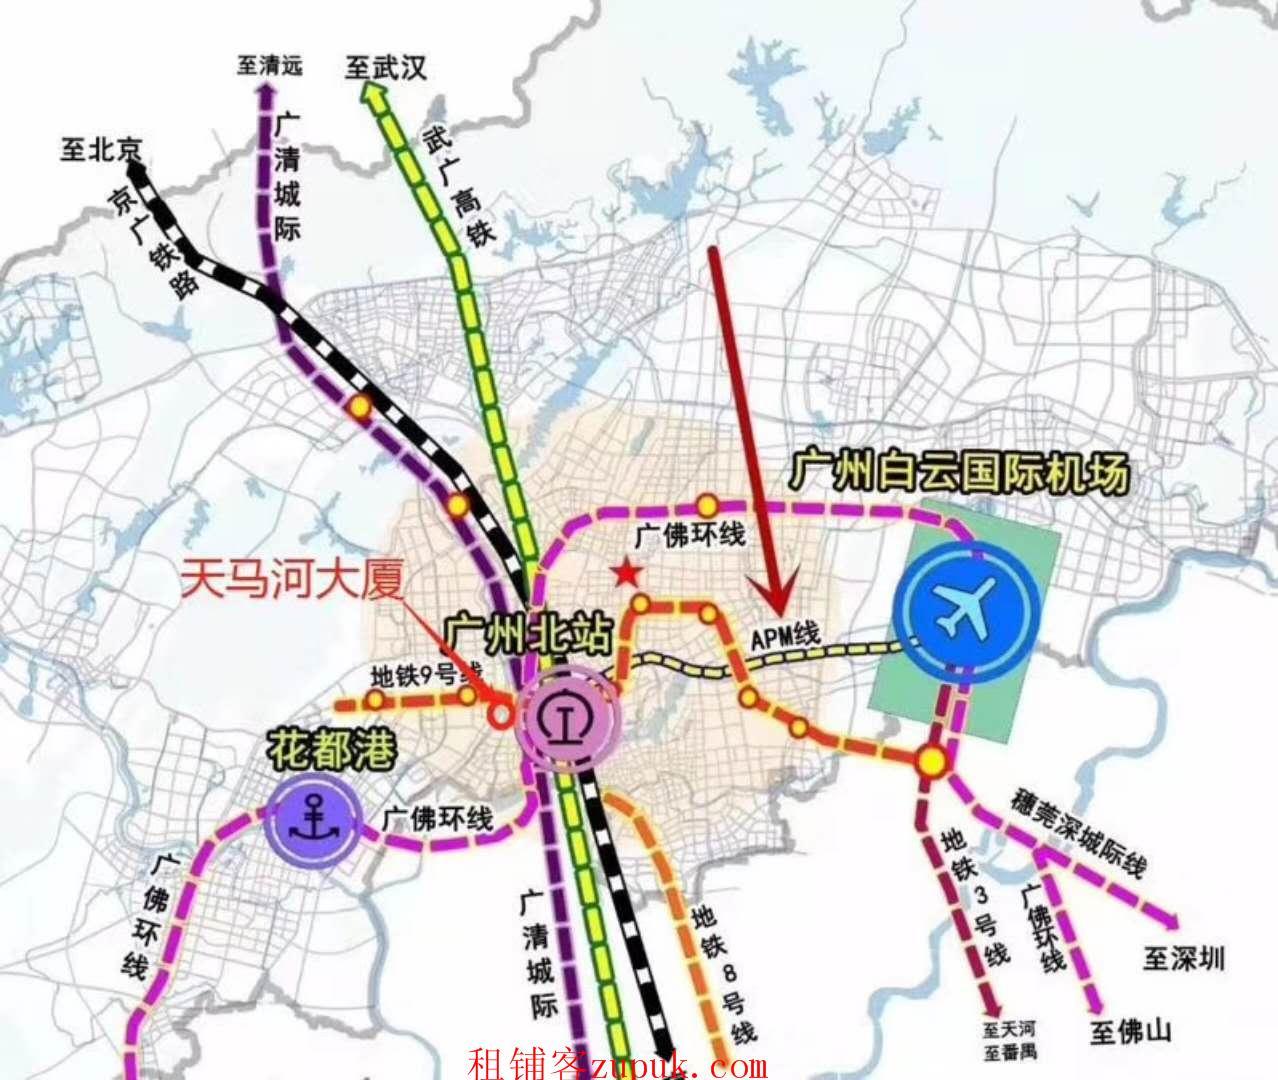 广州花都汽车城地铁旺铺招租!你敢来看,我就敢免租!